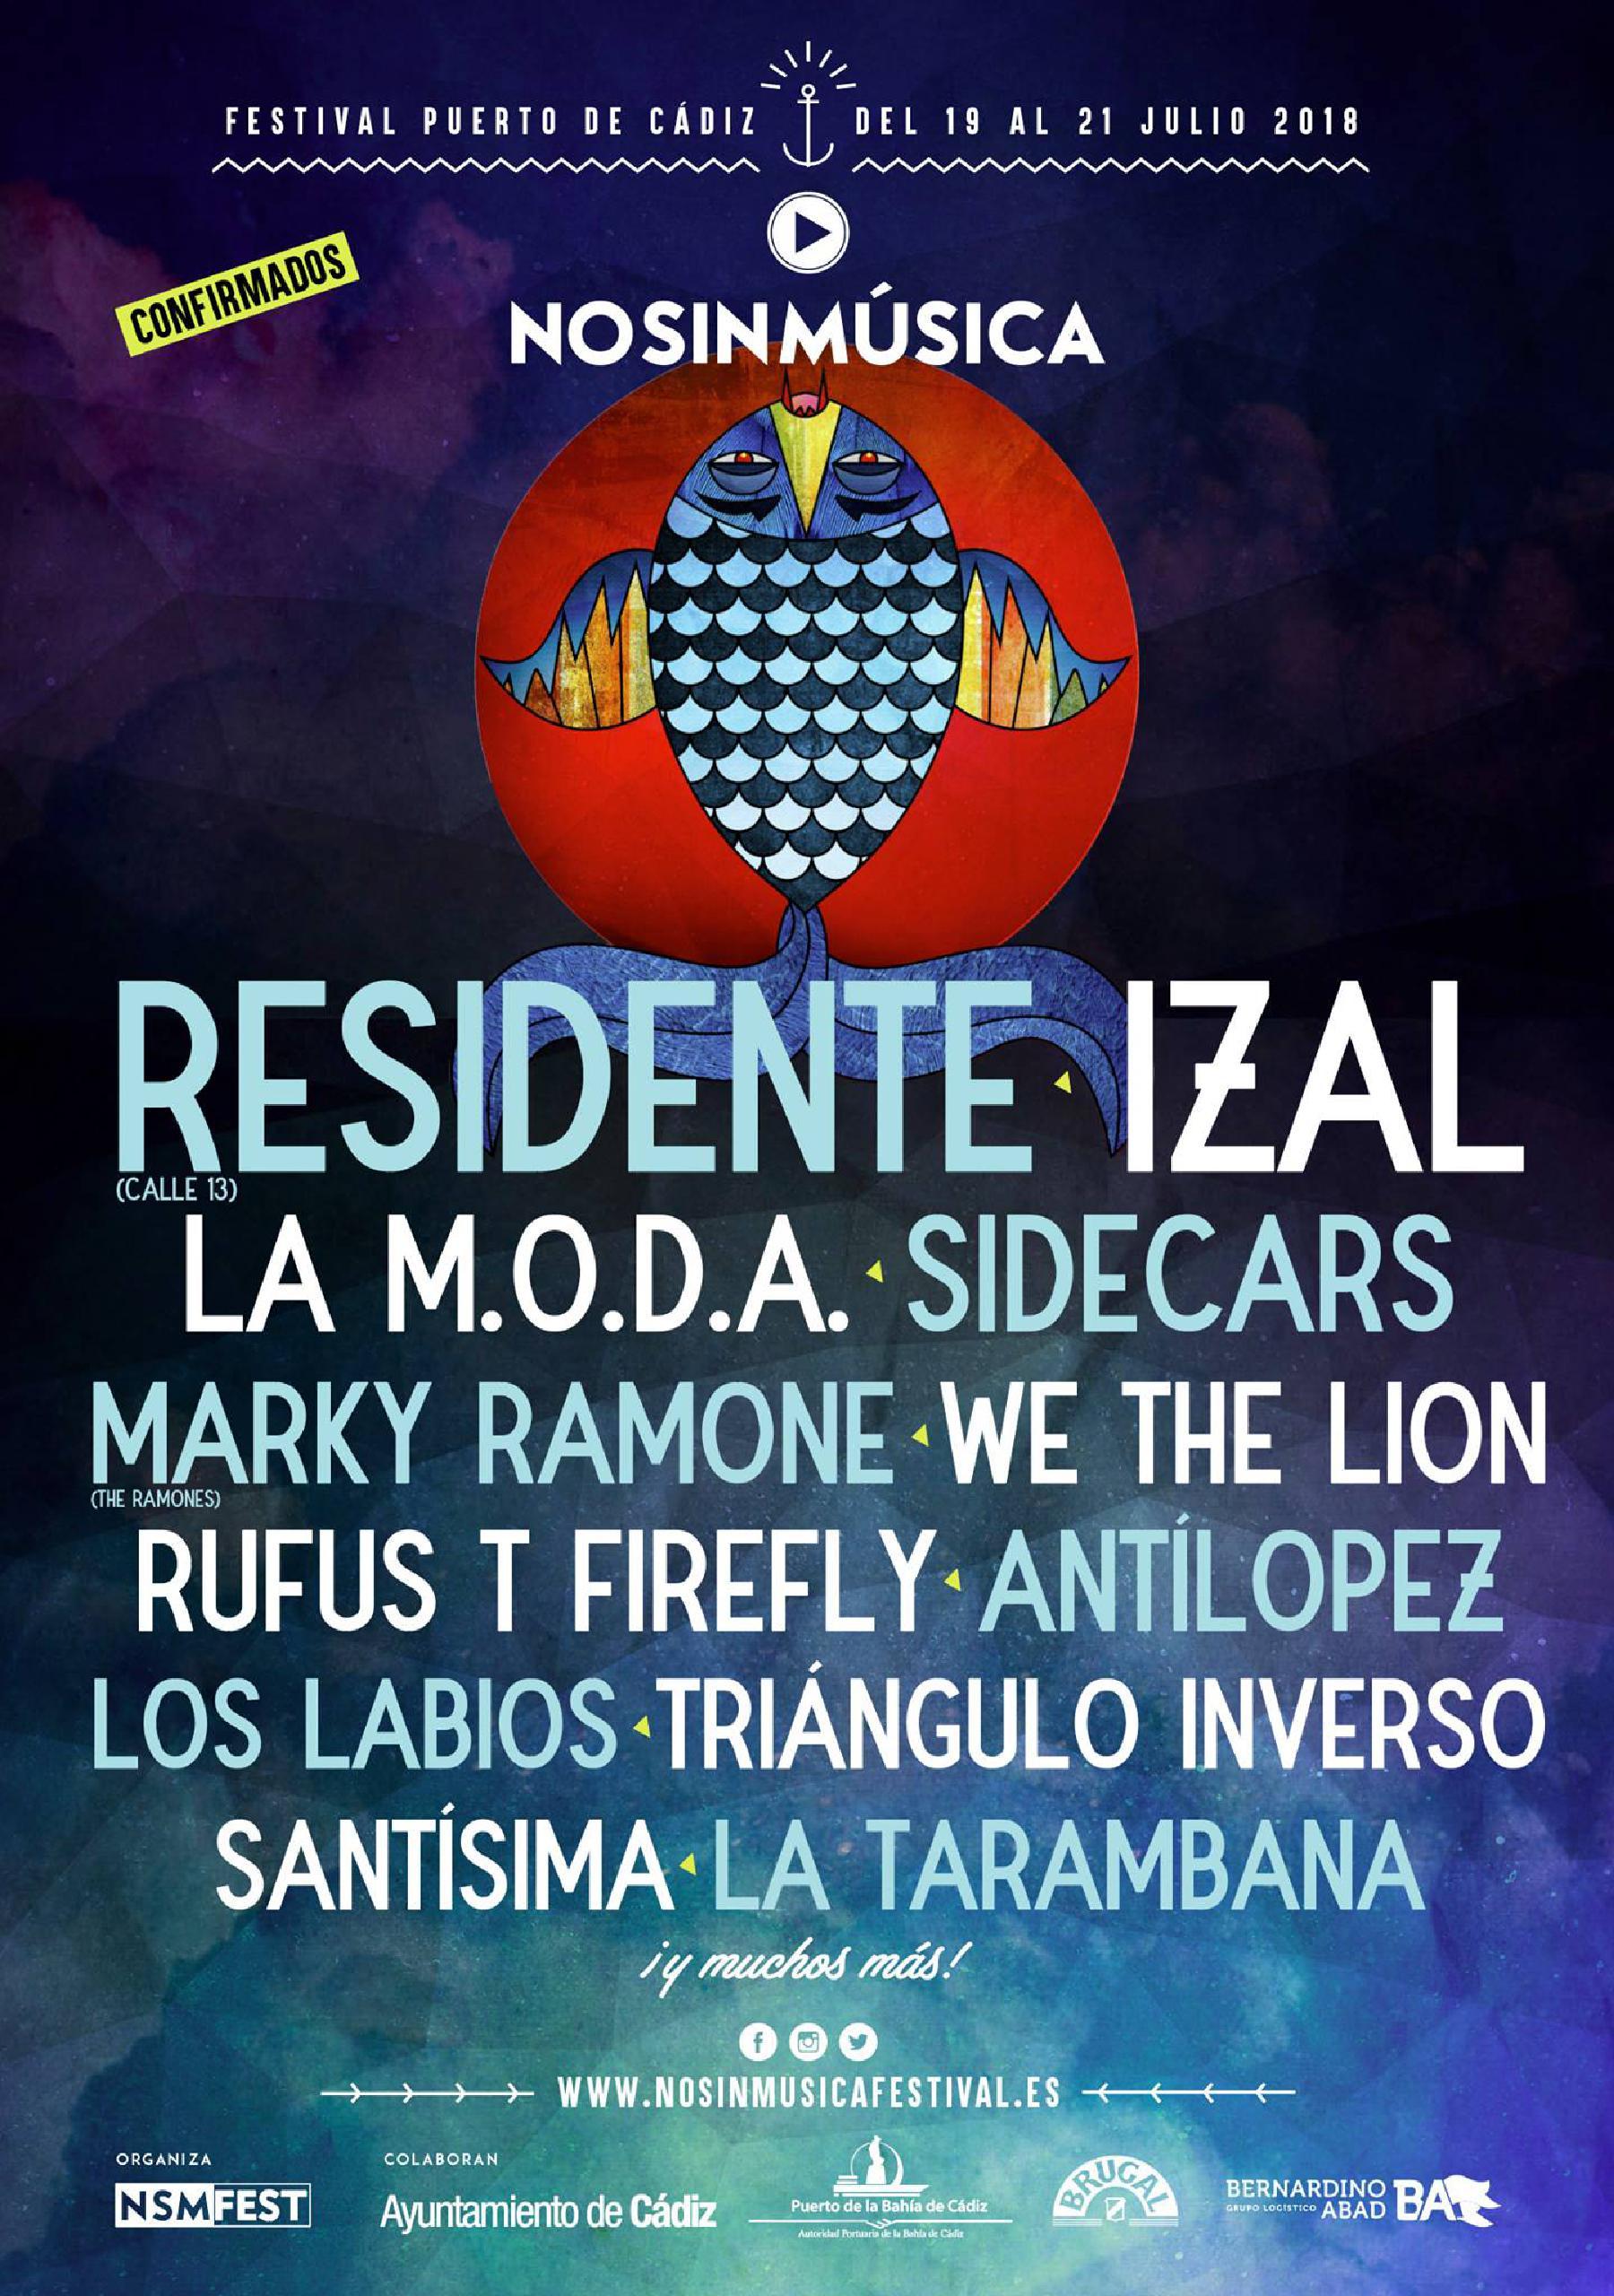 Cartel primeras confirmaciones No Sin Música 2018